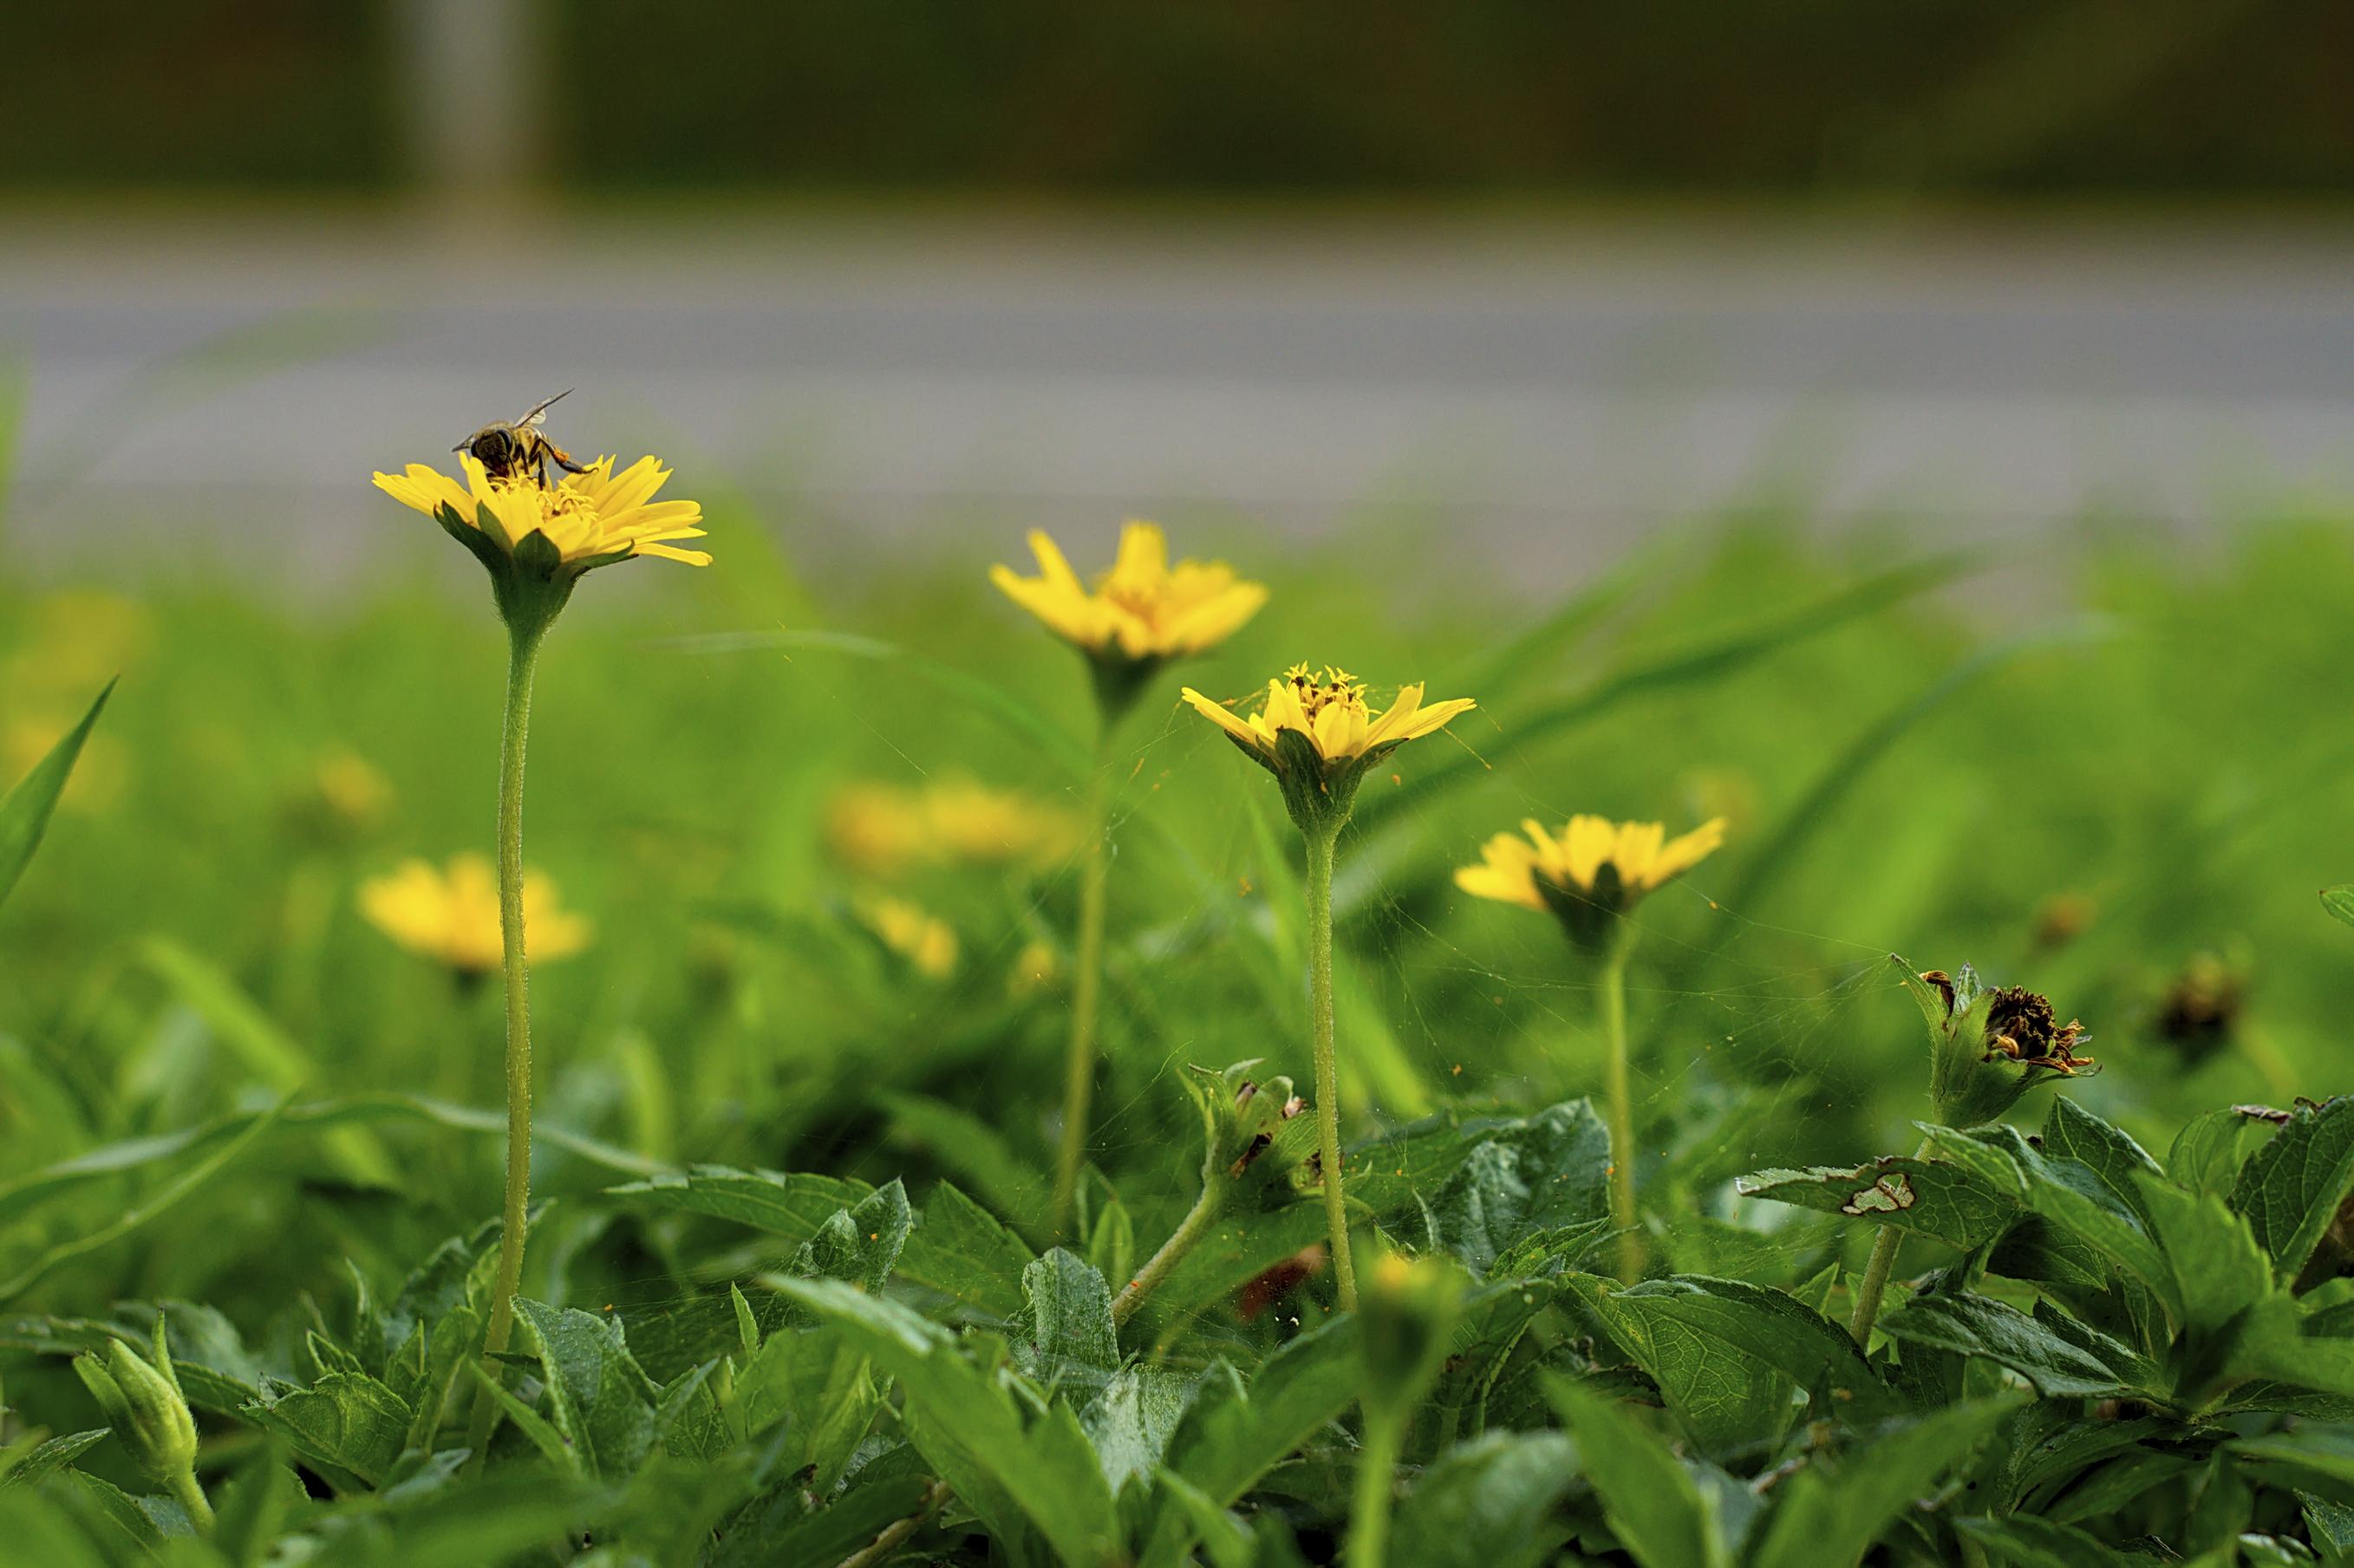 garden grass daisy